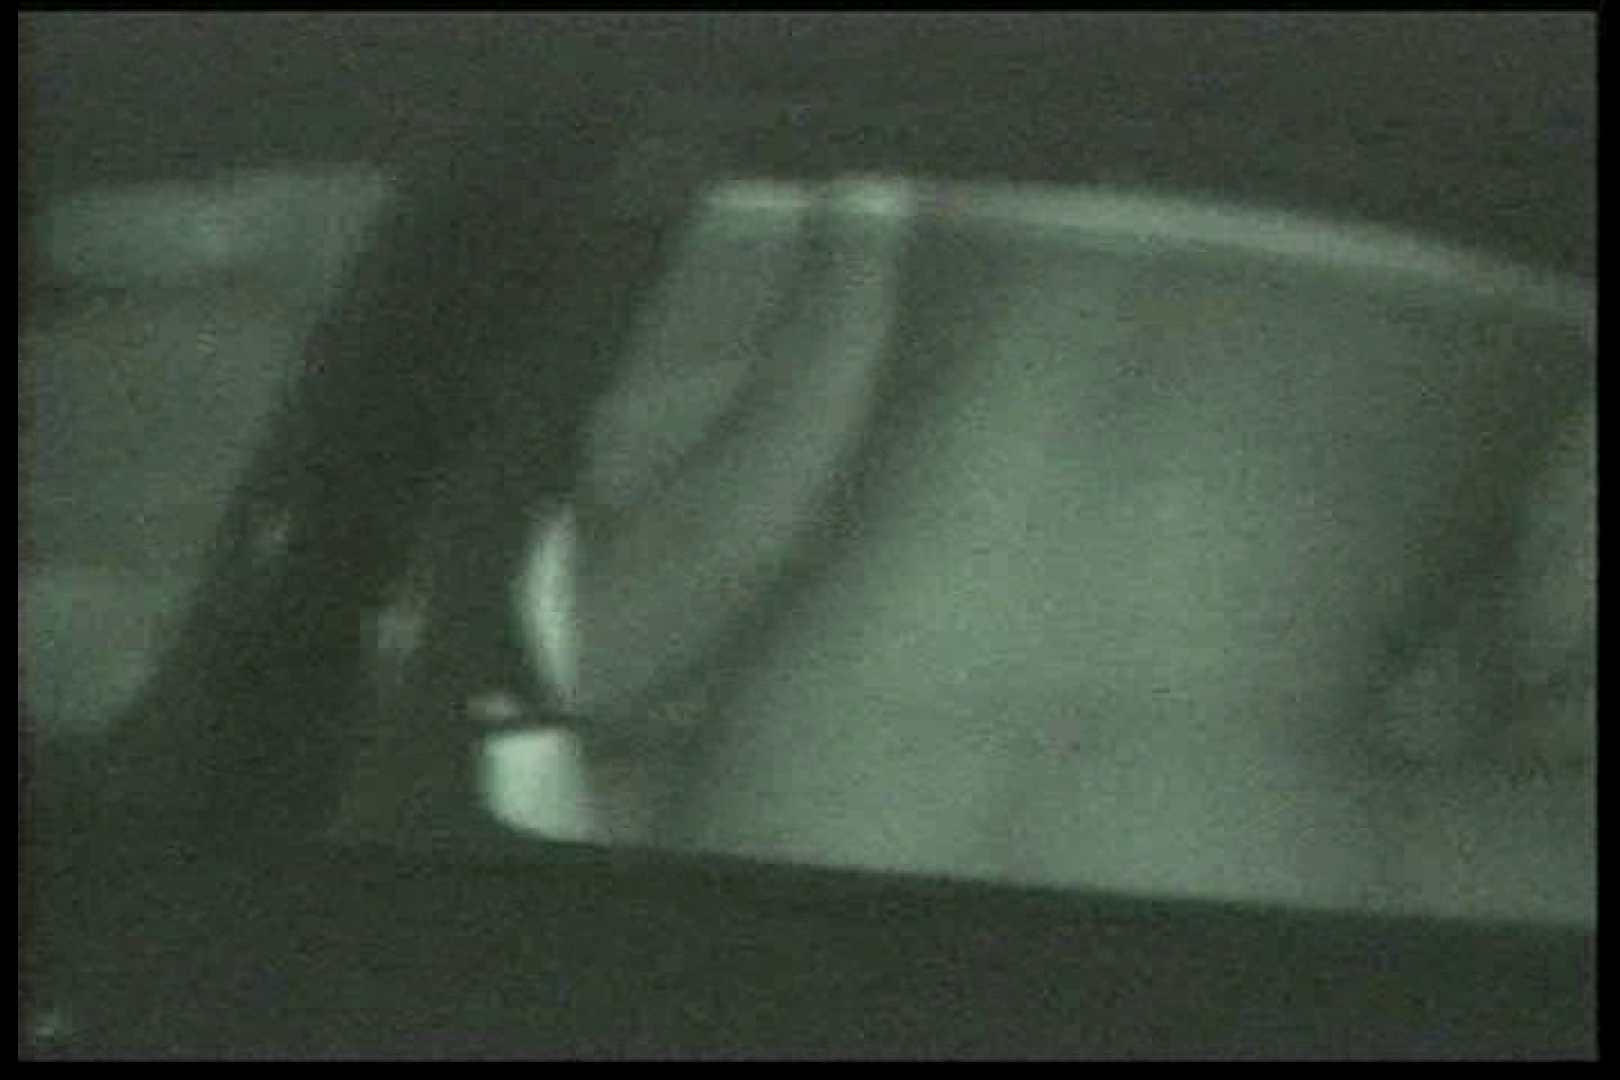 車の中はラブホテル 無修正版  Vol.15 カップル  77pic 21